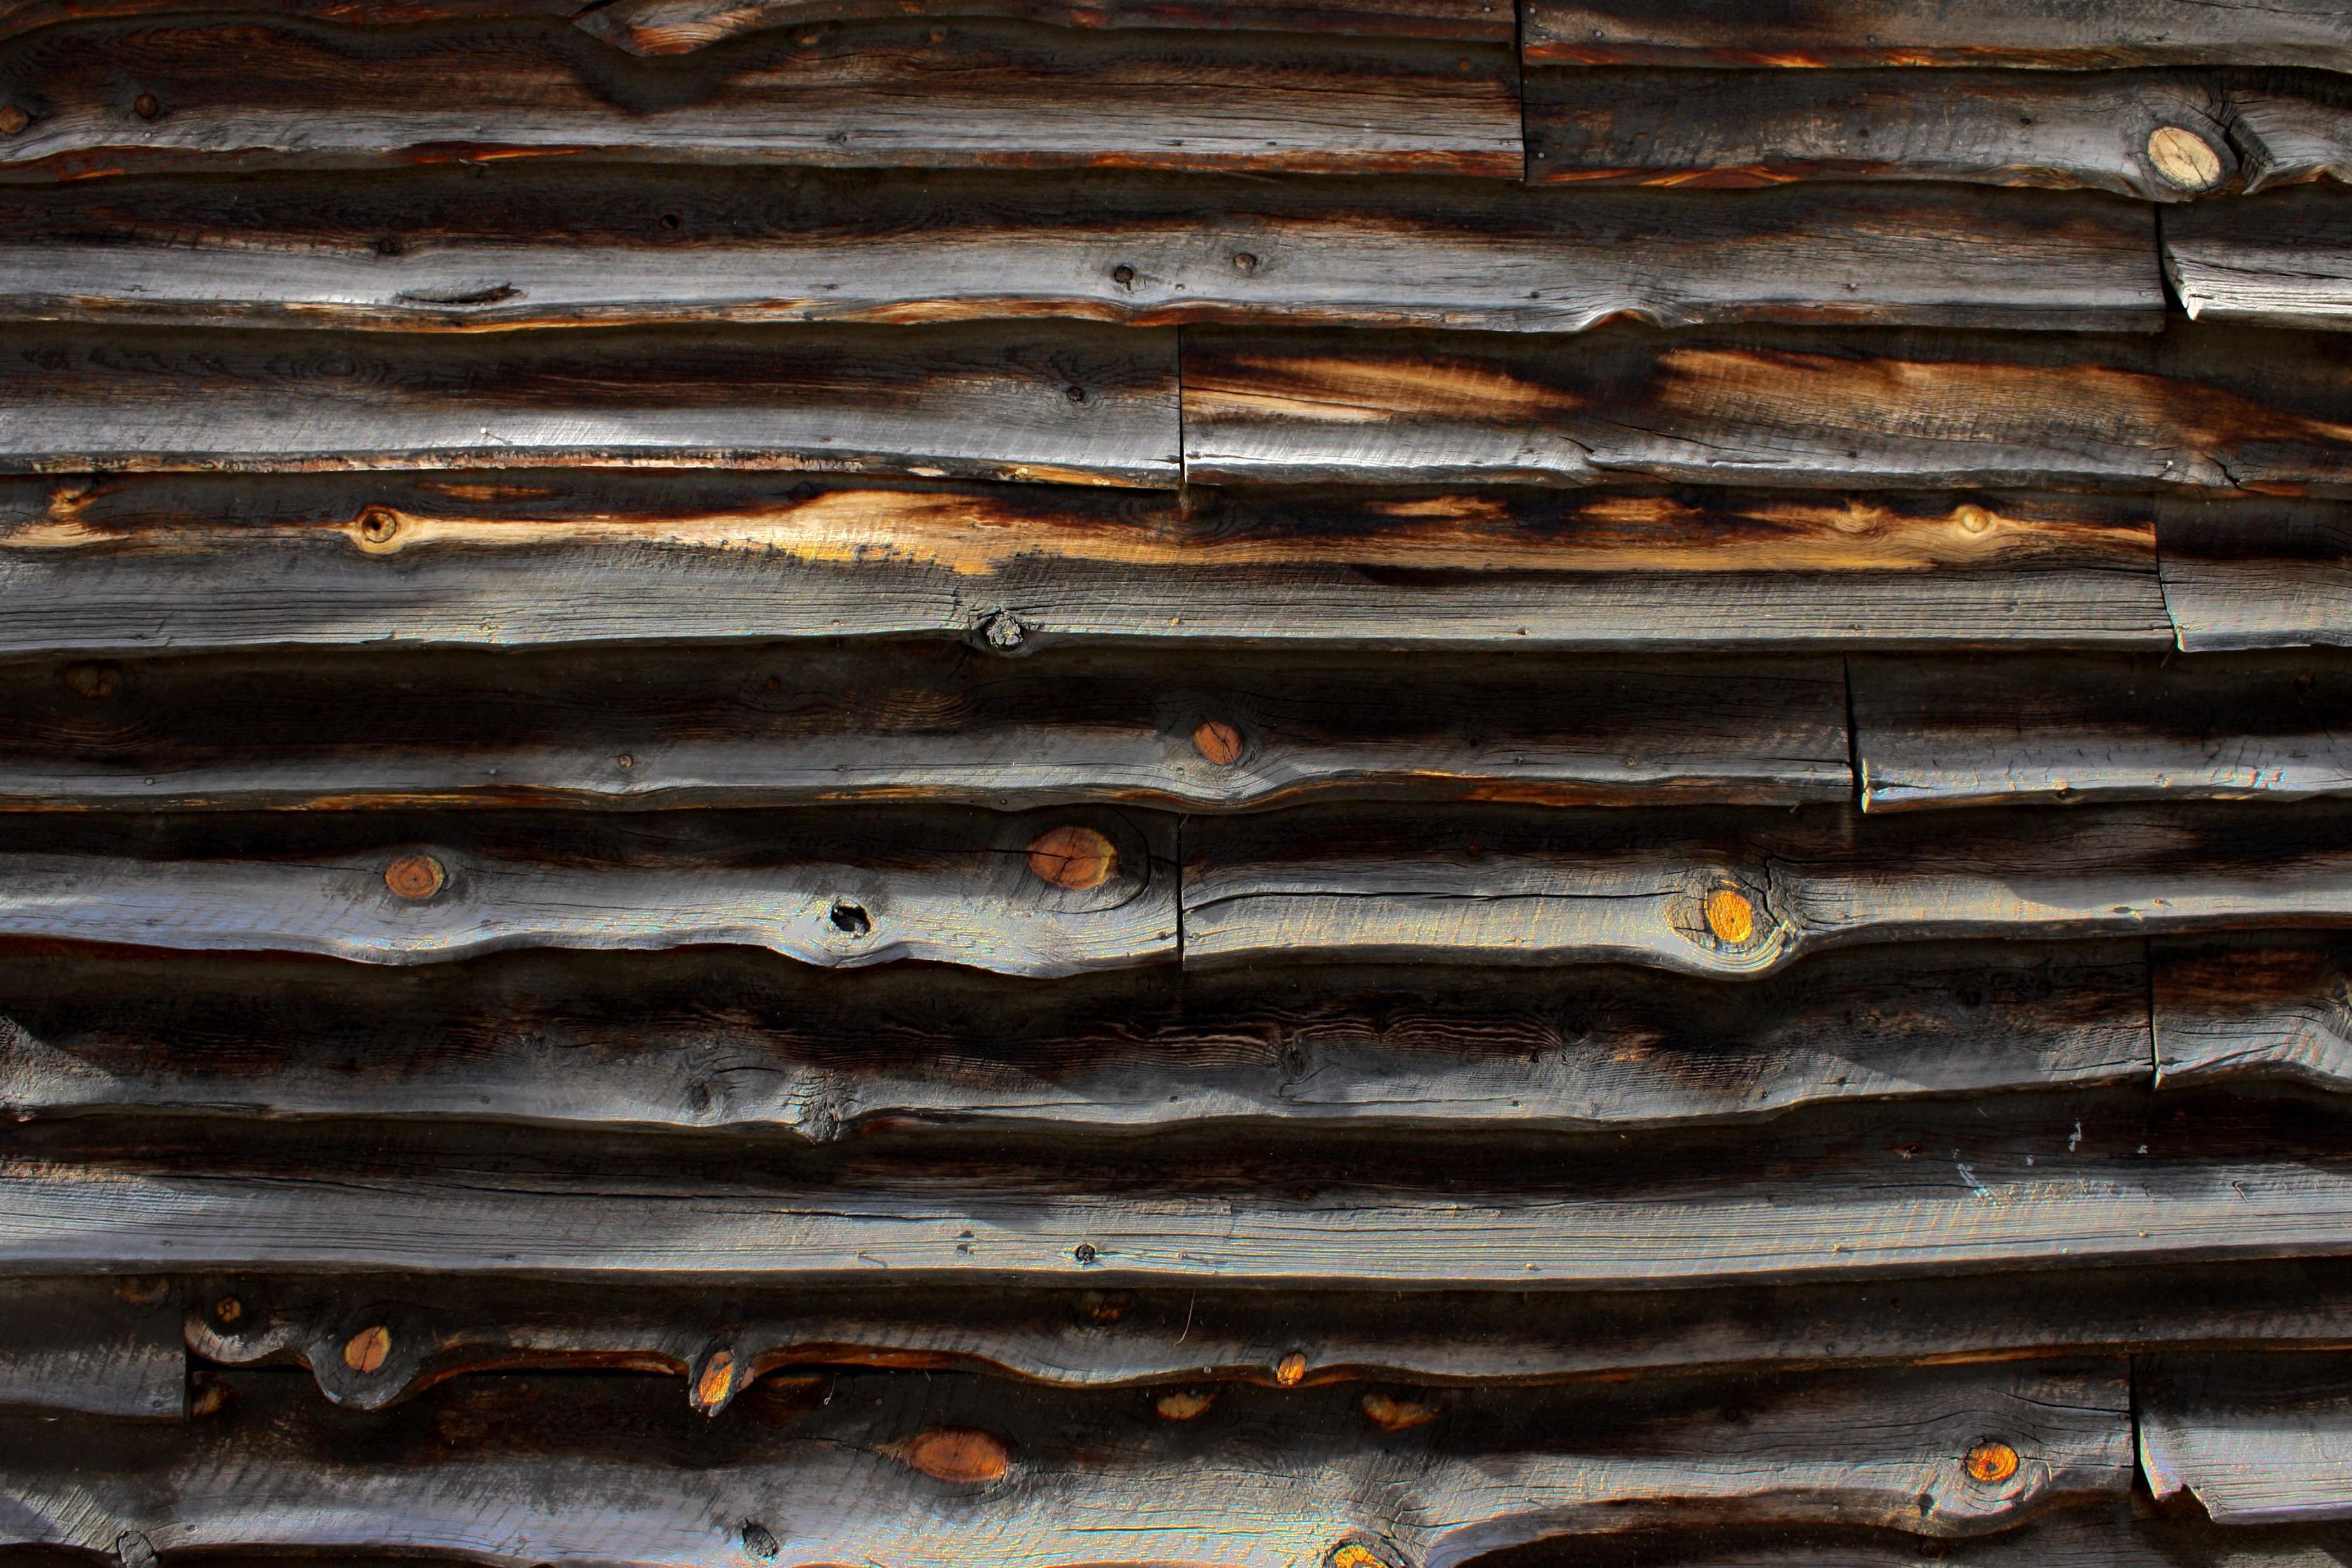 kostenlose bild: alte scheune, holzbohlen, dunkelbraune farbe